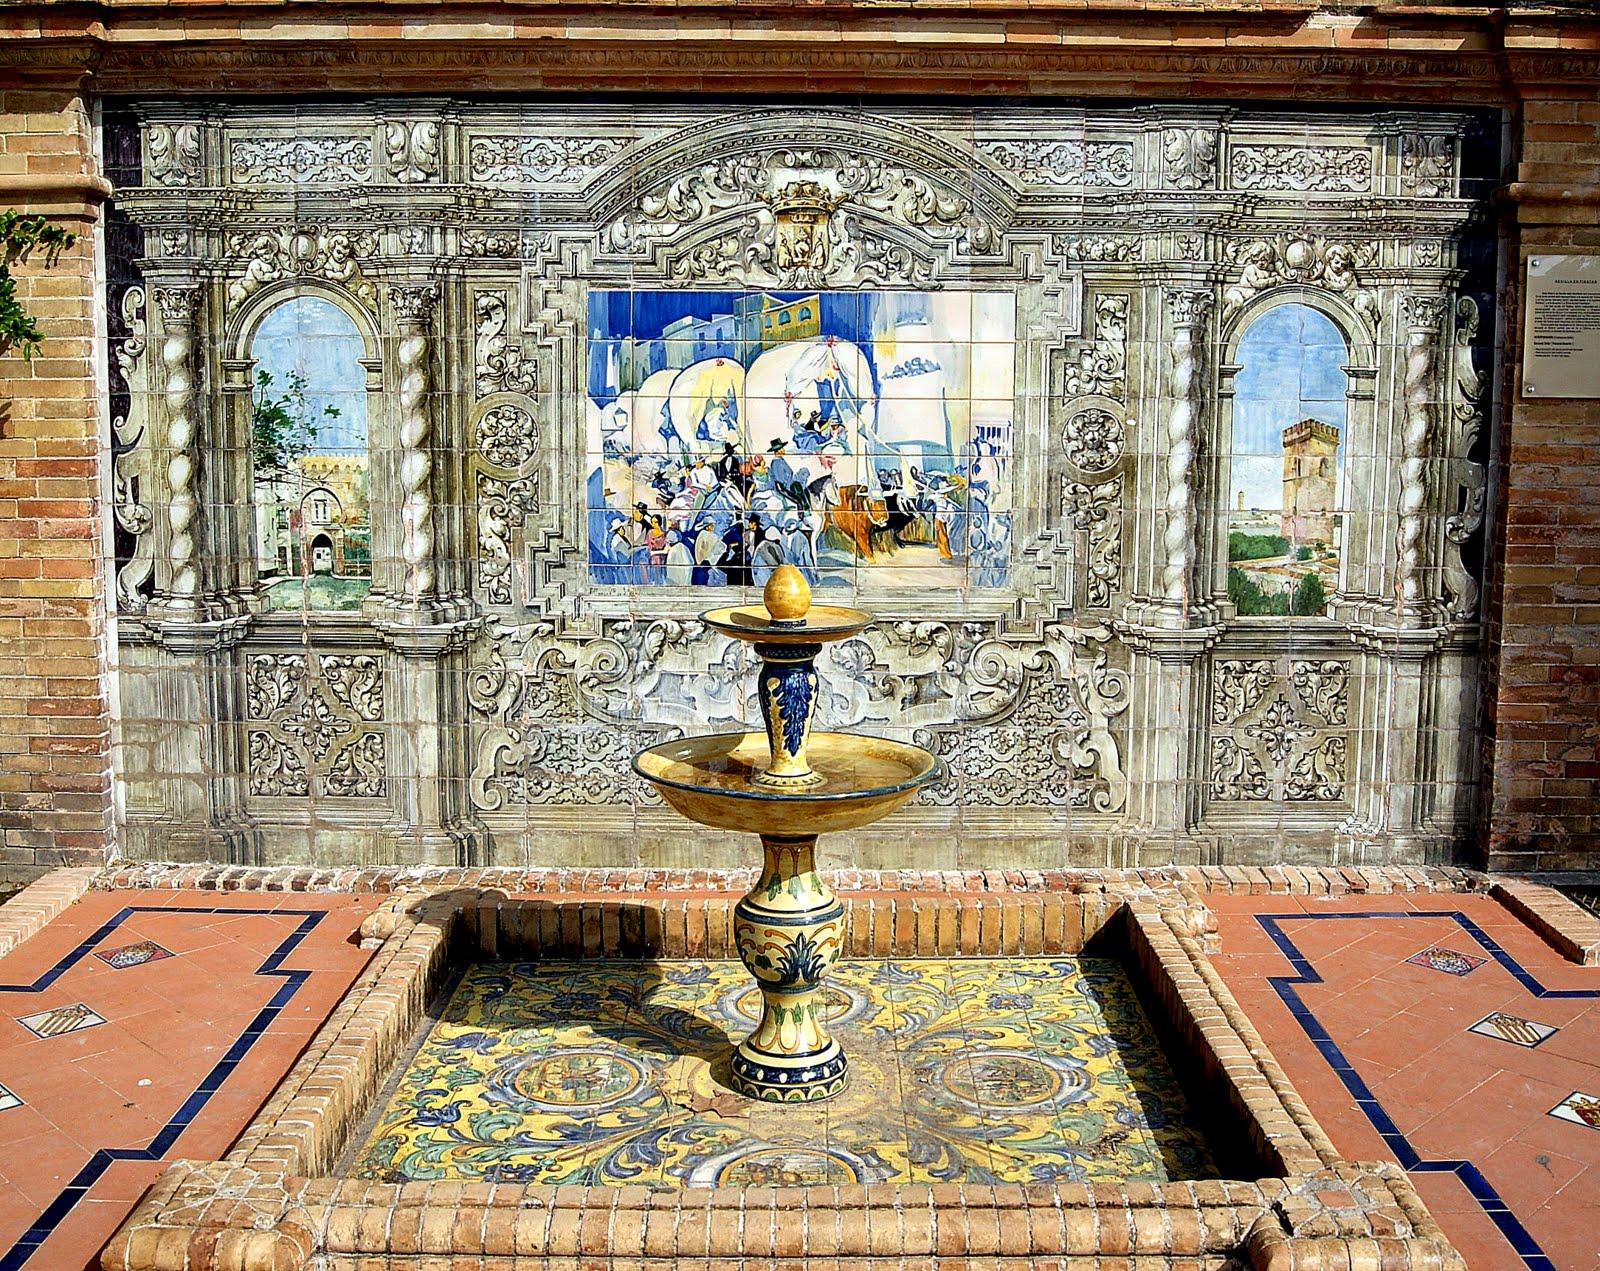 Leyendas de sevilla plaza de espa a versi n extendida for Azulejos antiguos sevilla